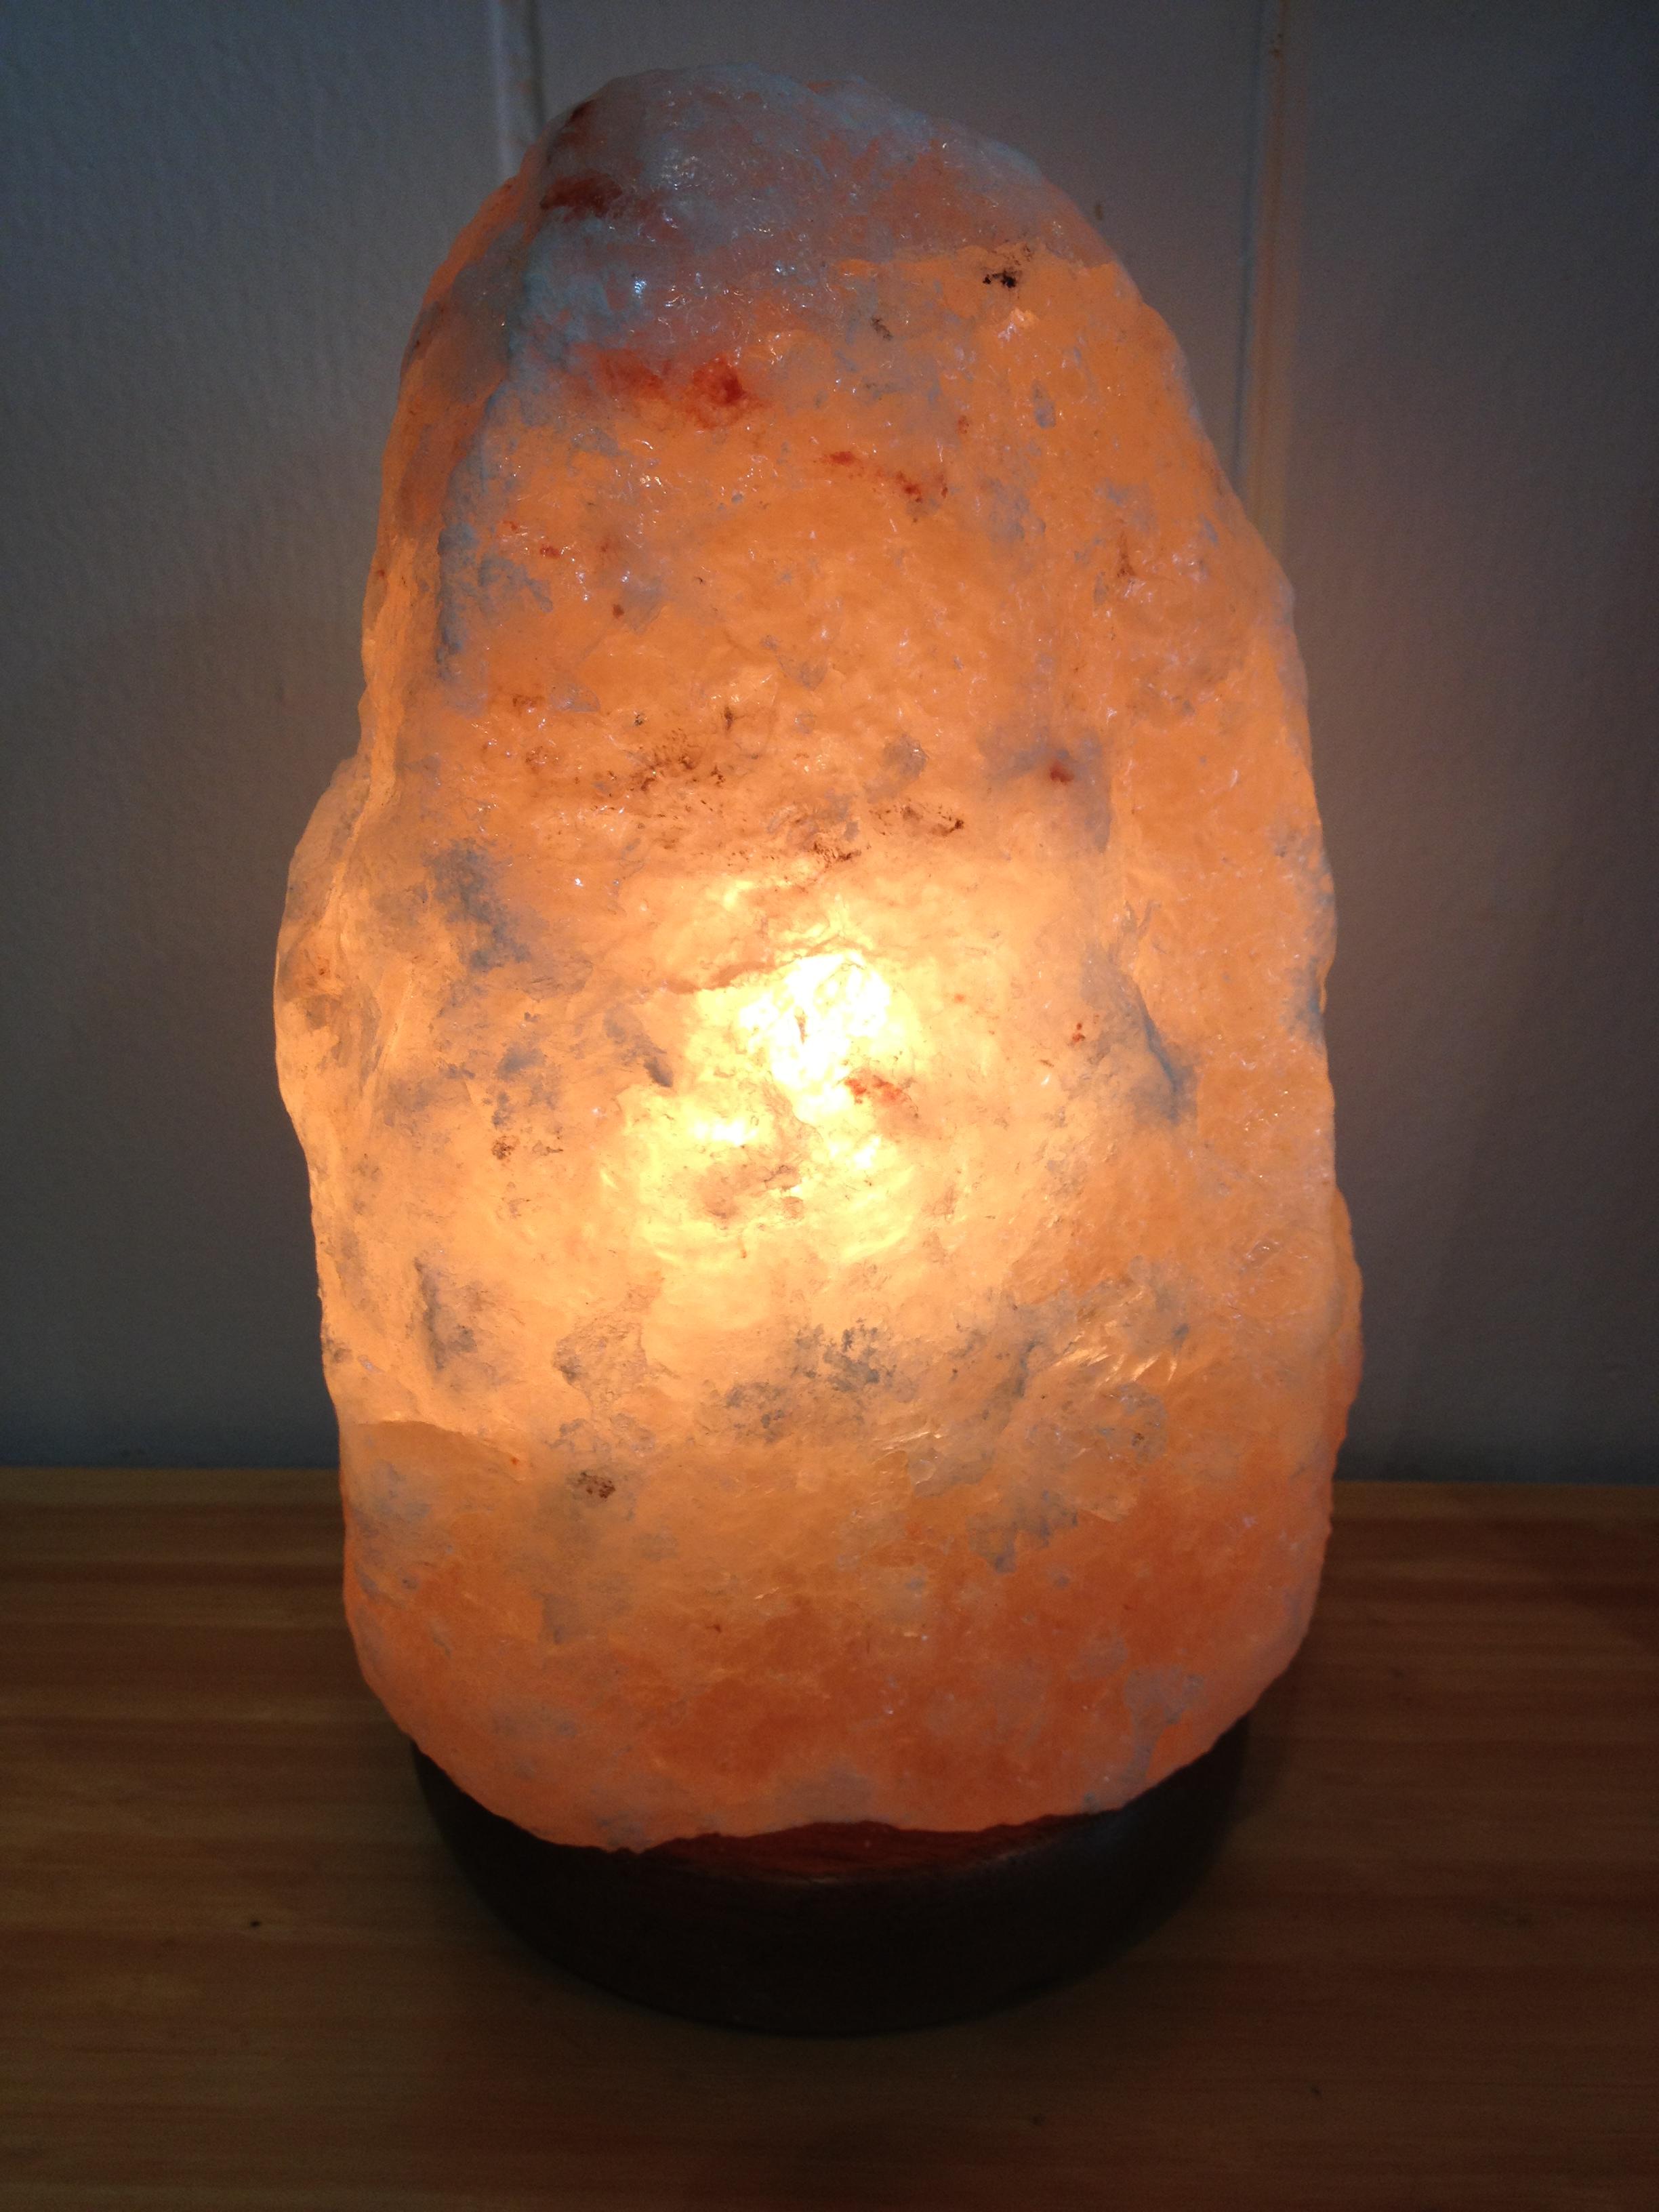 Himilayan salt lamps